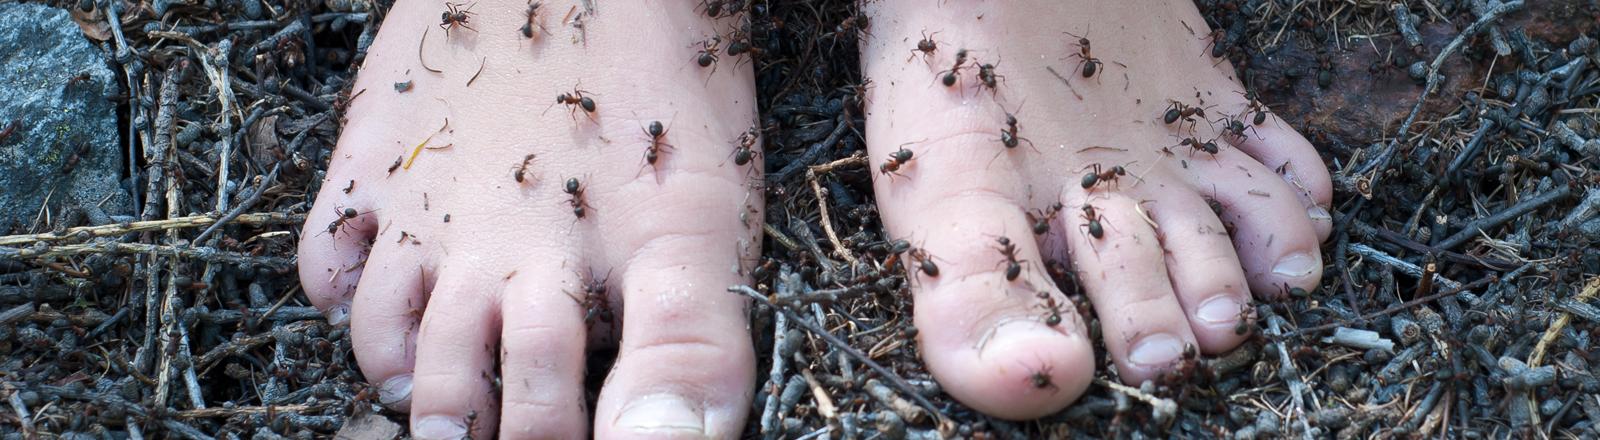 Nackte Füße an denen Ameisen hochkrabbeln stehen auf einem Waldboden